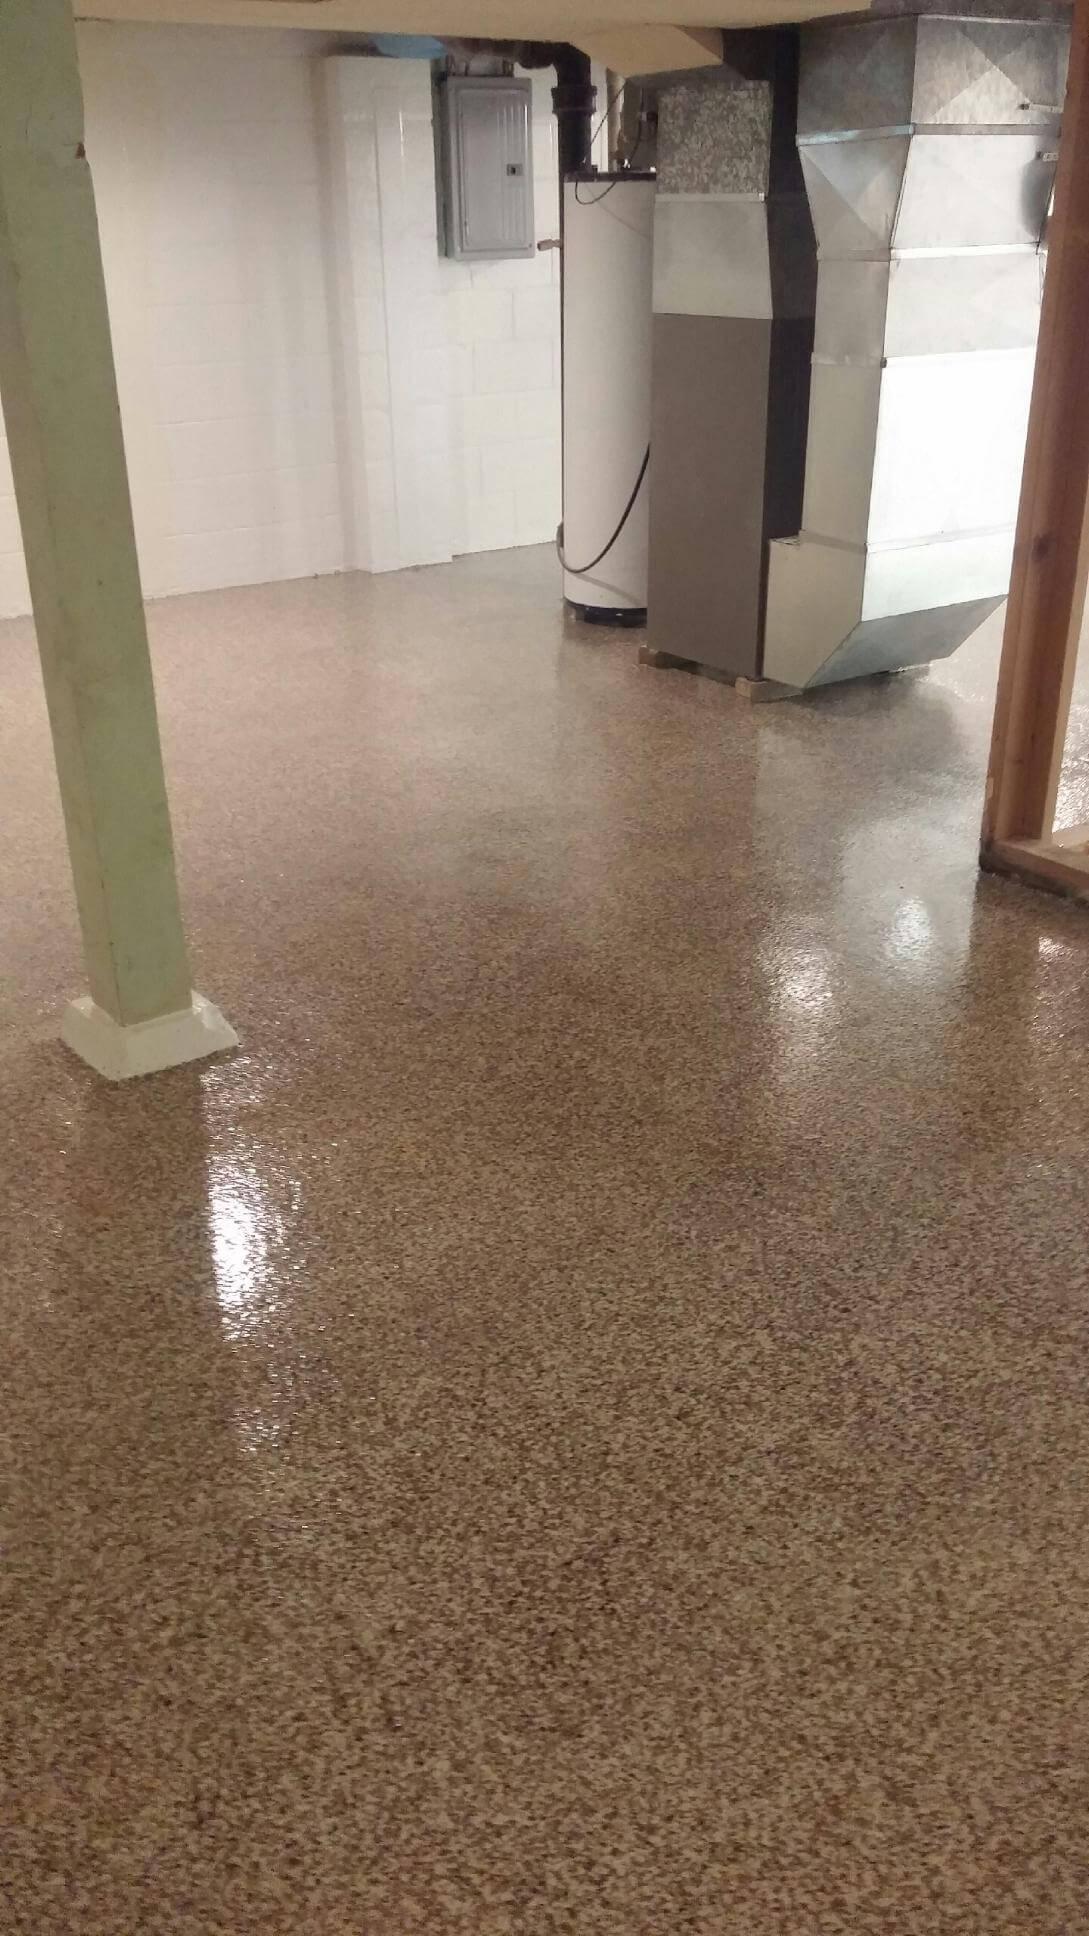 zion waterproofing pro s in illinois waterproofed a a leaky basement